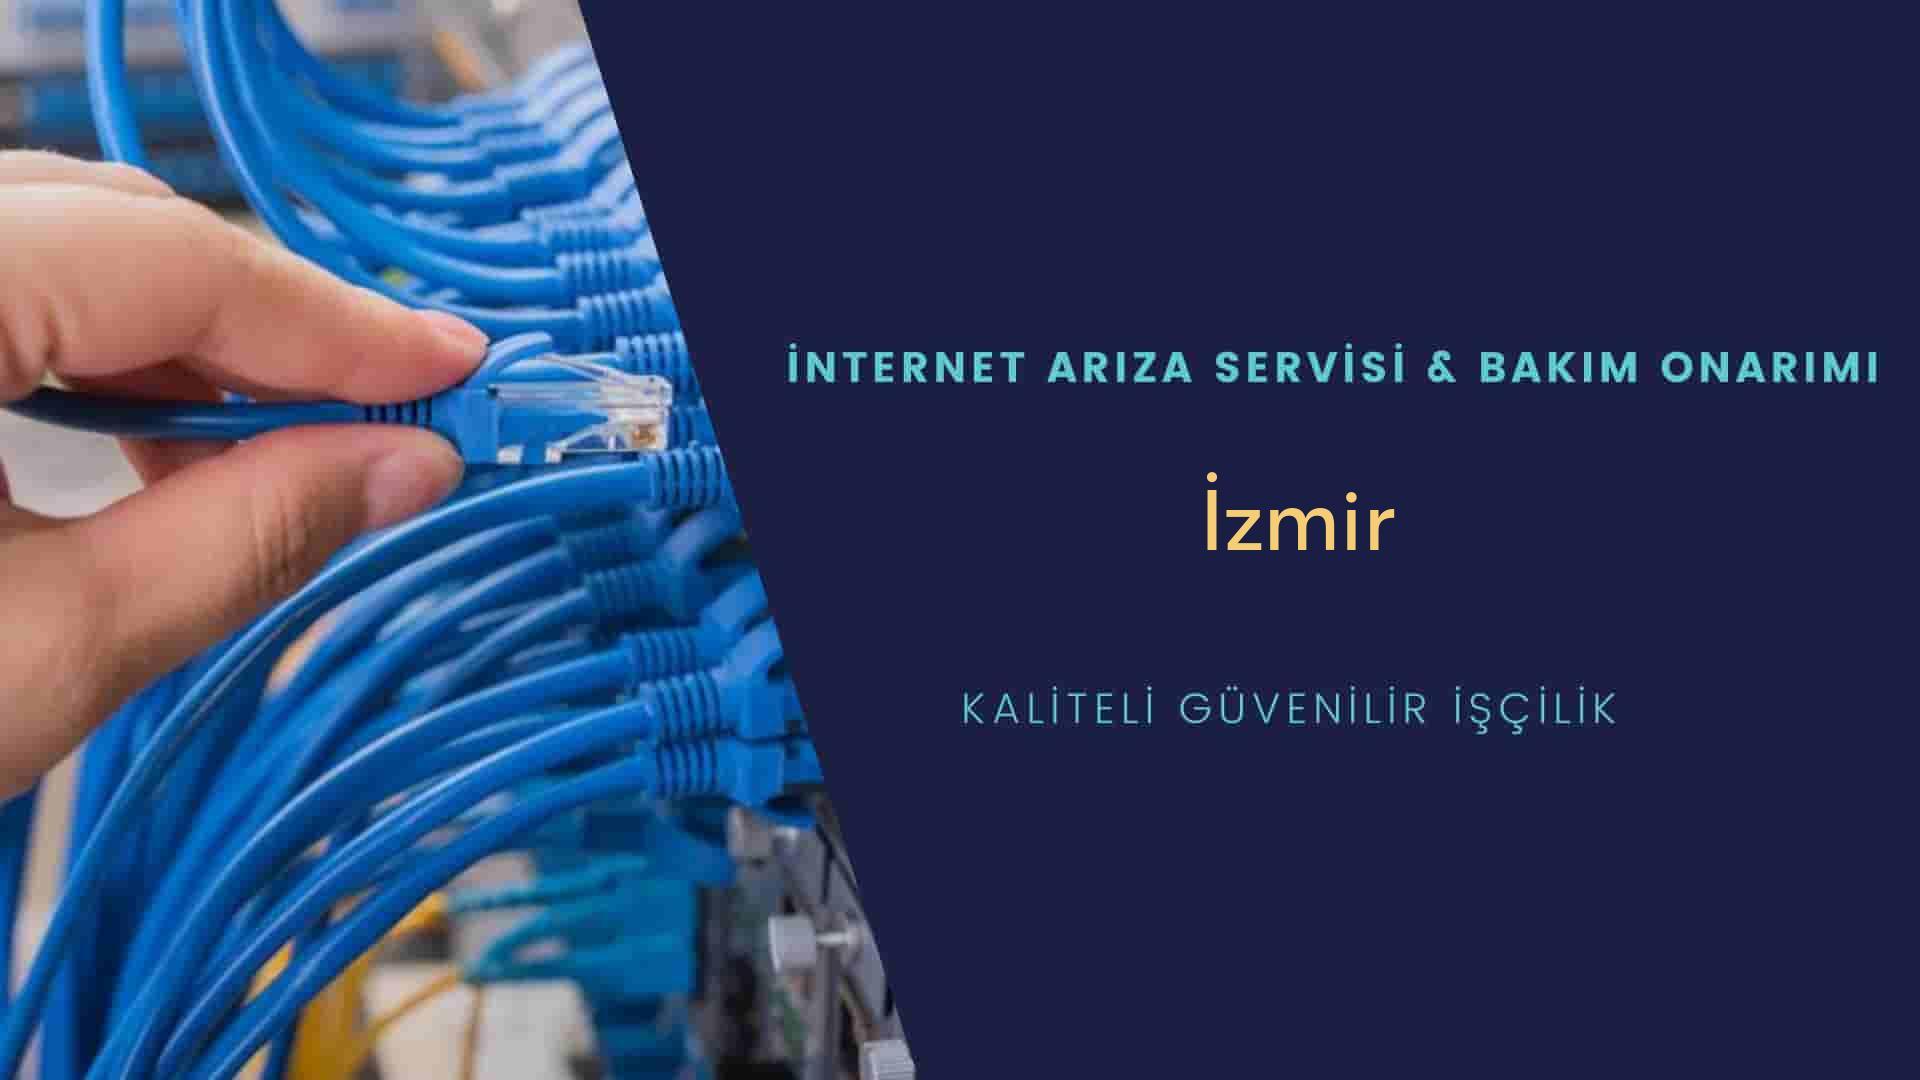 İzmir internet kablosu çekimi yapan yerler veya elektrikçiler mi? arıyorsunuz doğru yerdesiniz o zaman sizlere 7/24 yardımcı olacak profesyonel ustalarımız bir telefon kadar yakındır size.